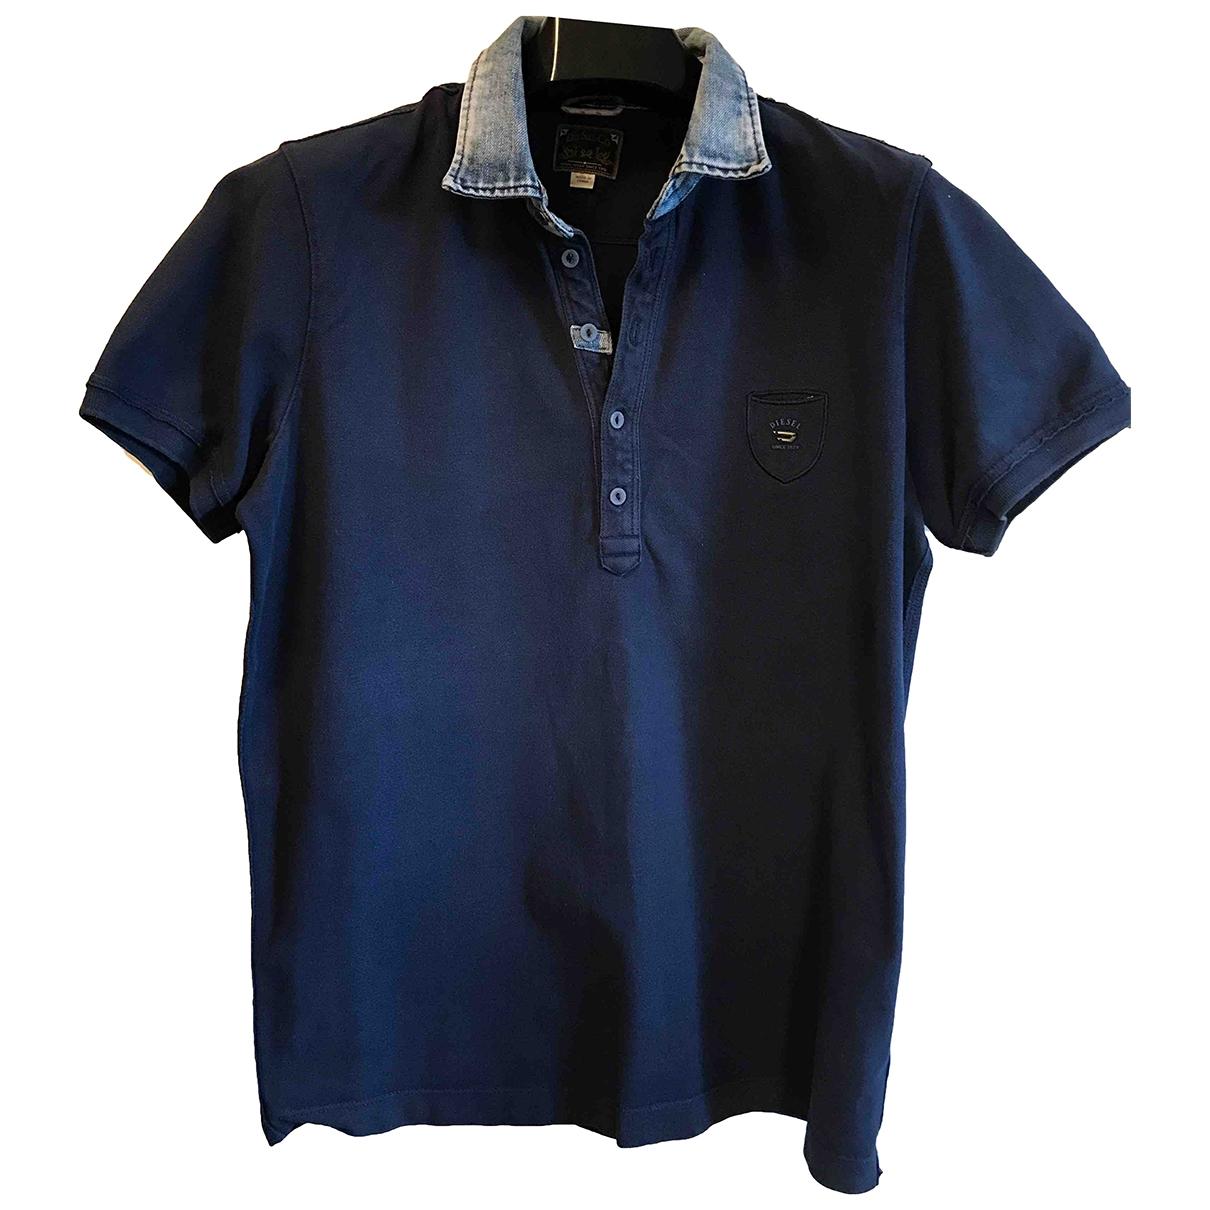 Diesel - Polos   pour homme en coton - bleu